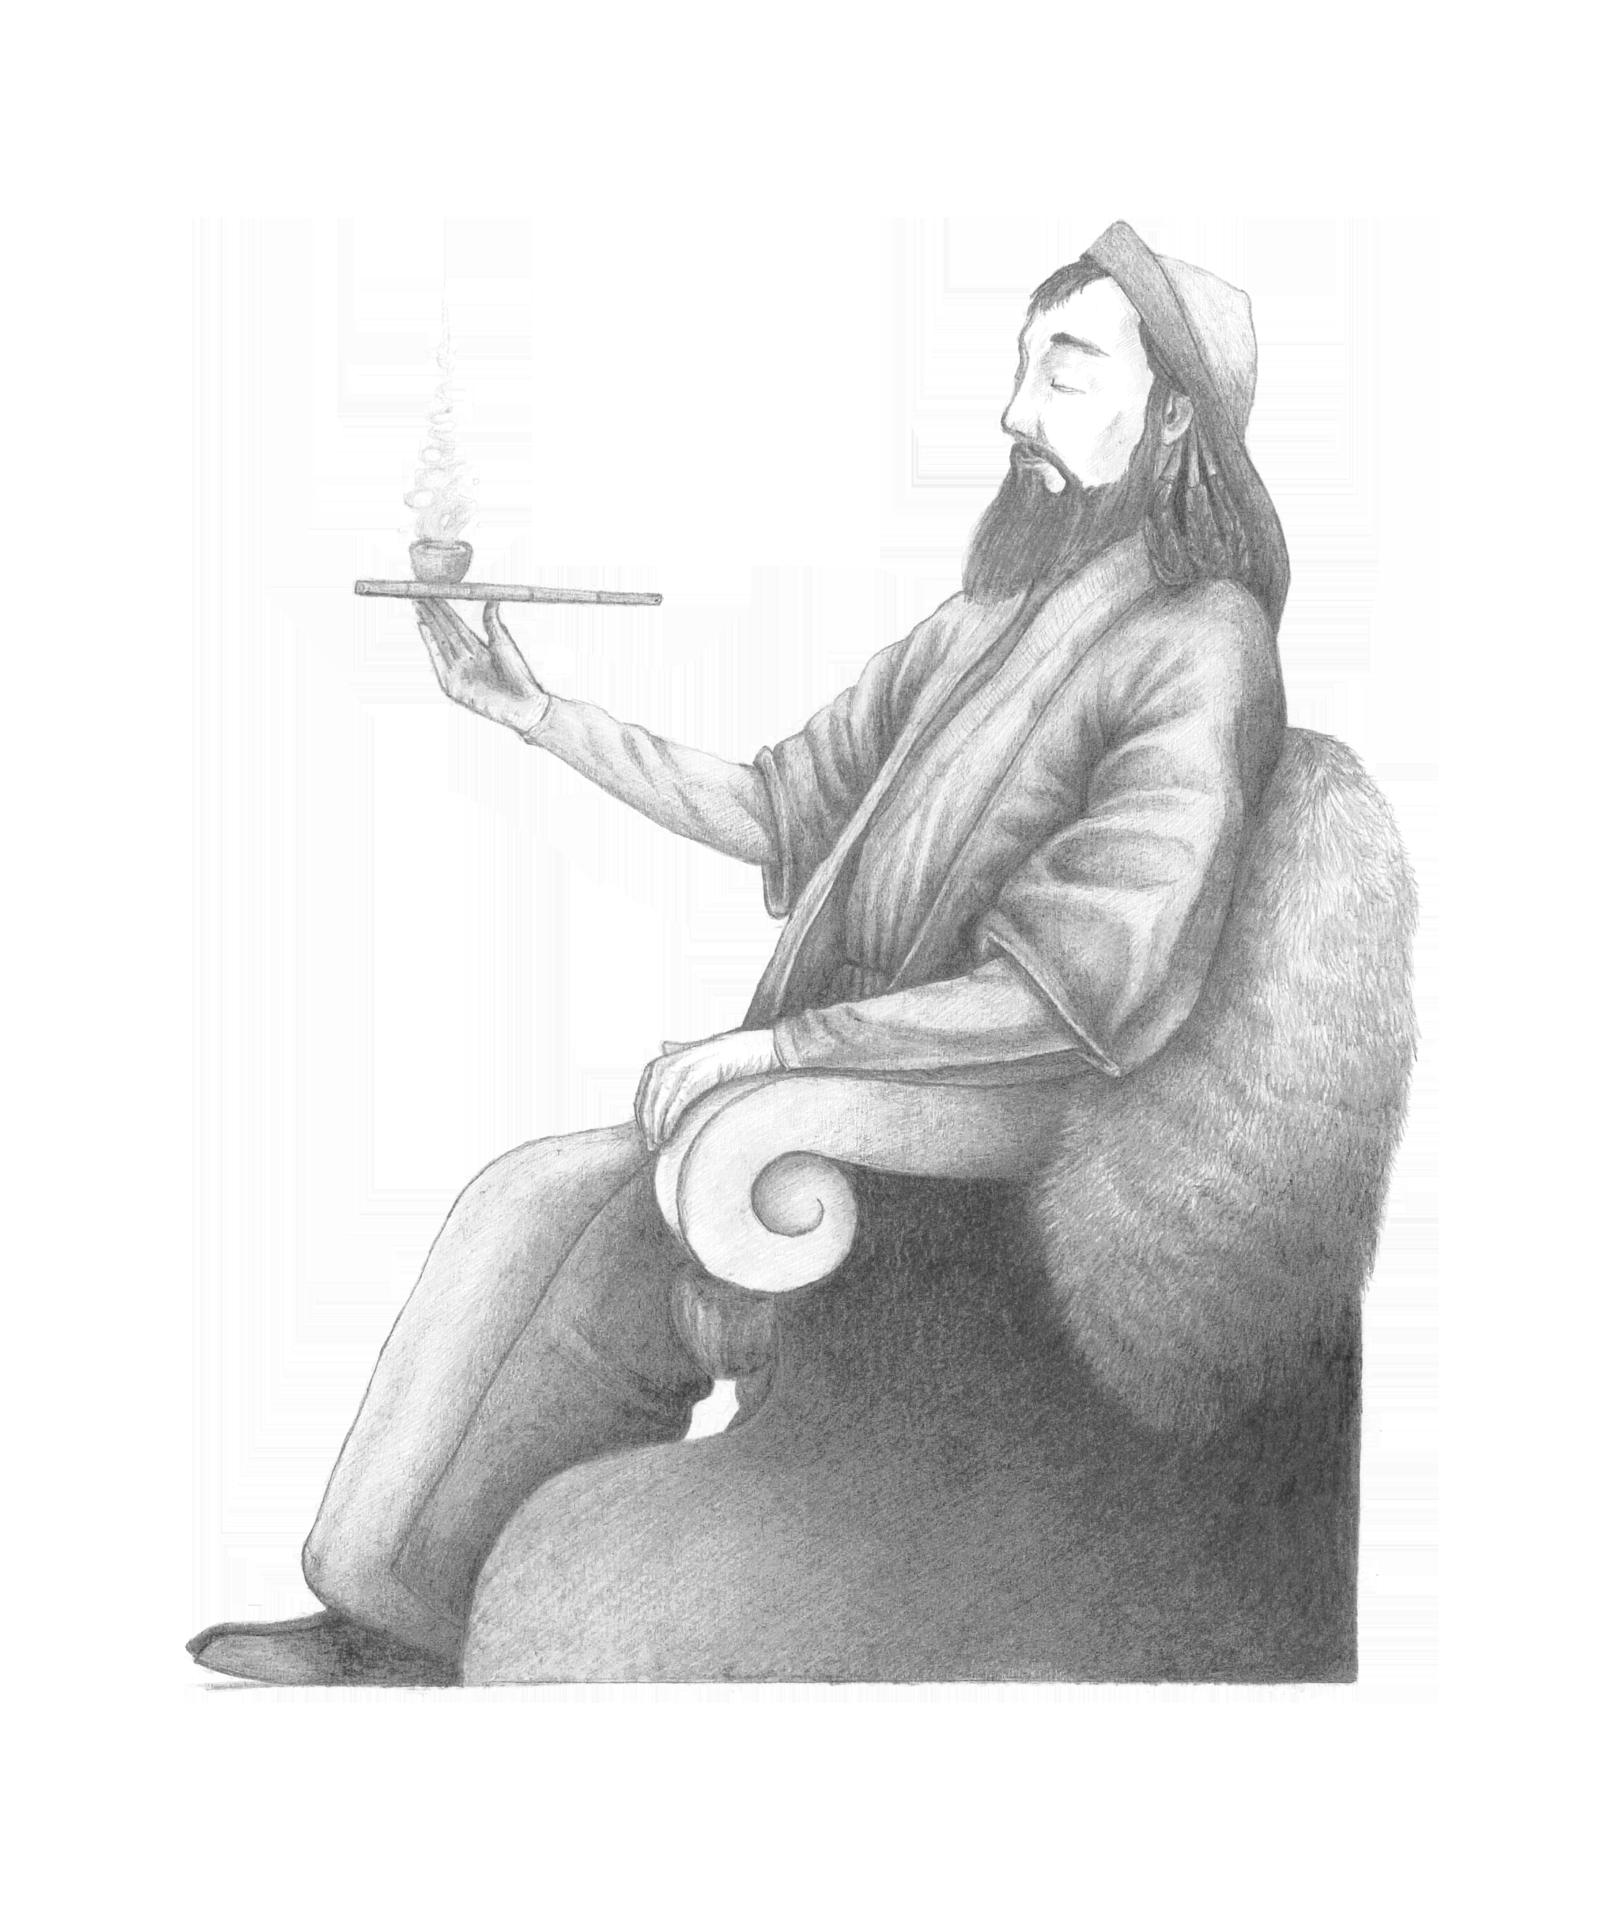 kublai-khan